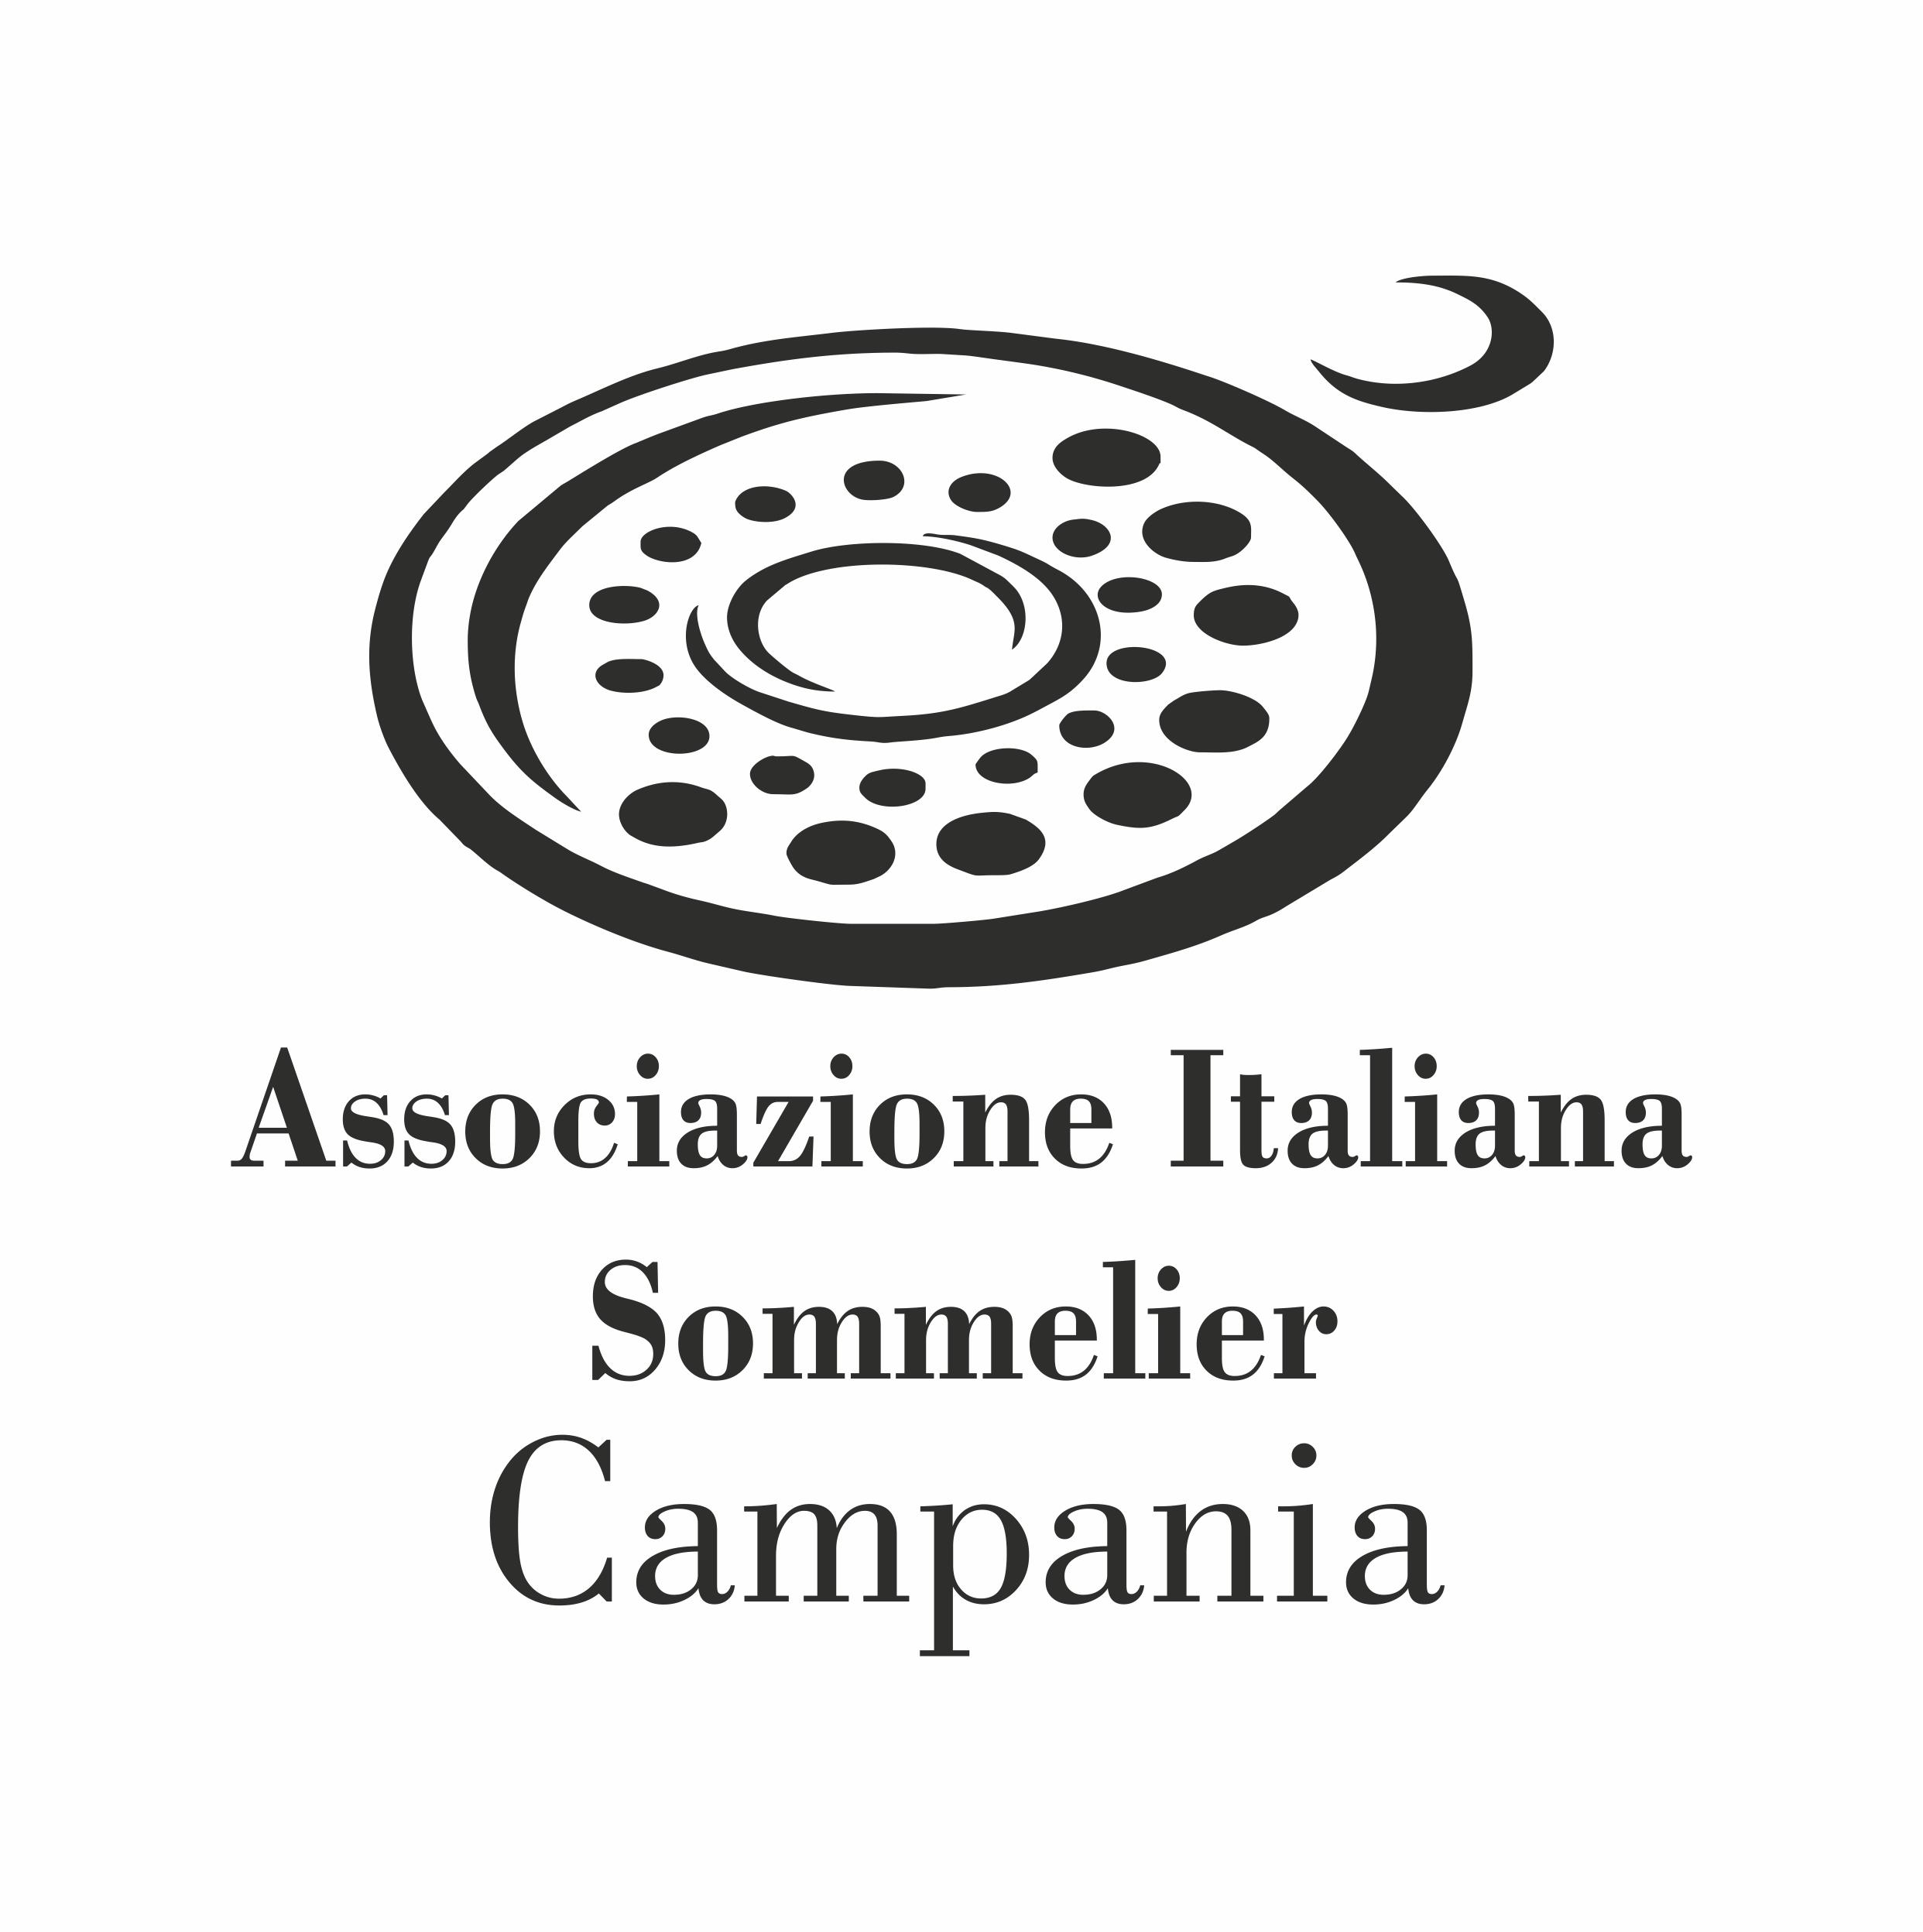 AIS Campania